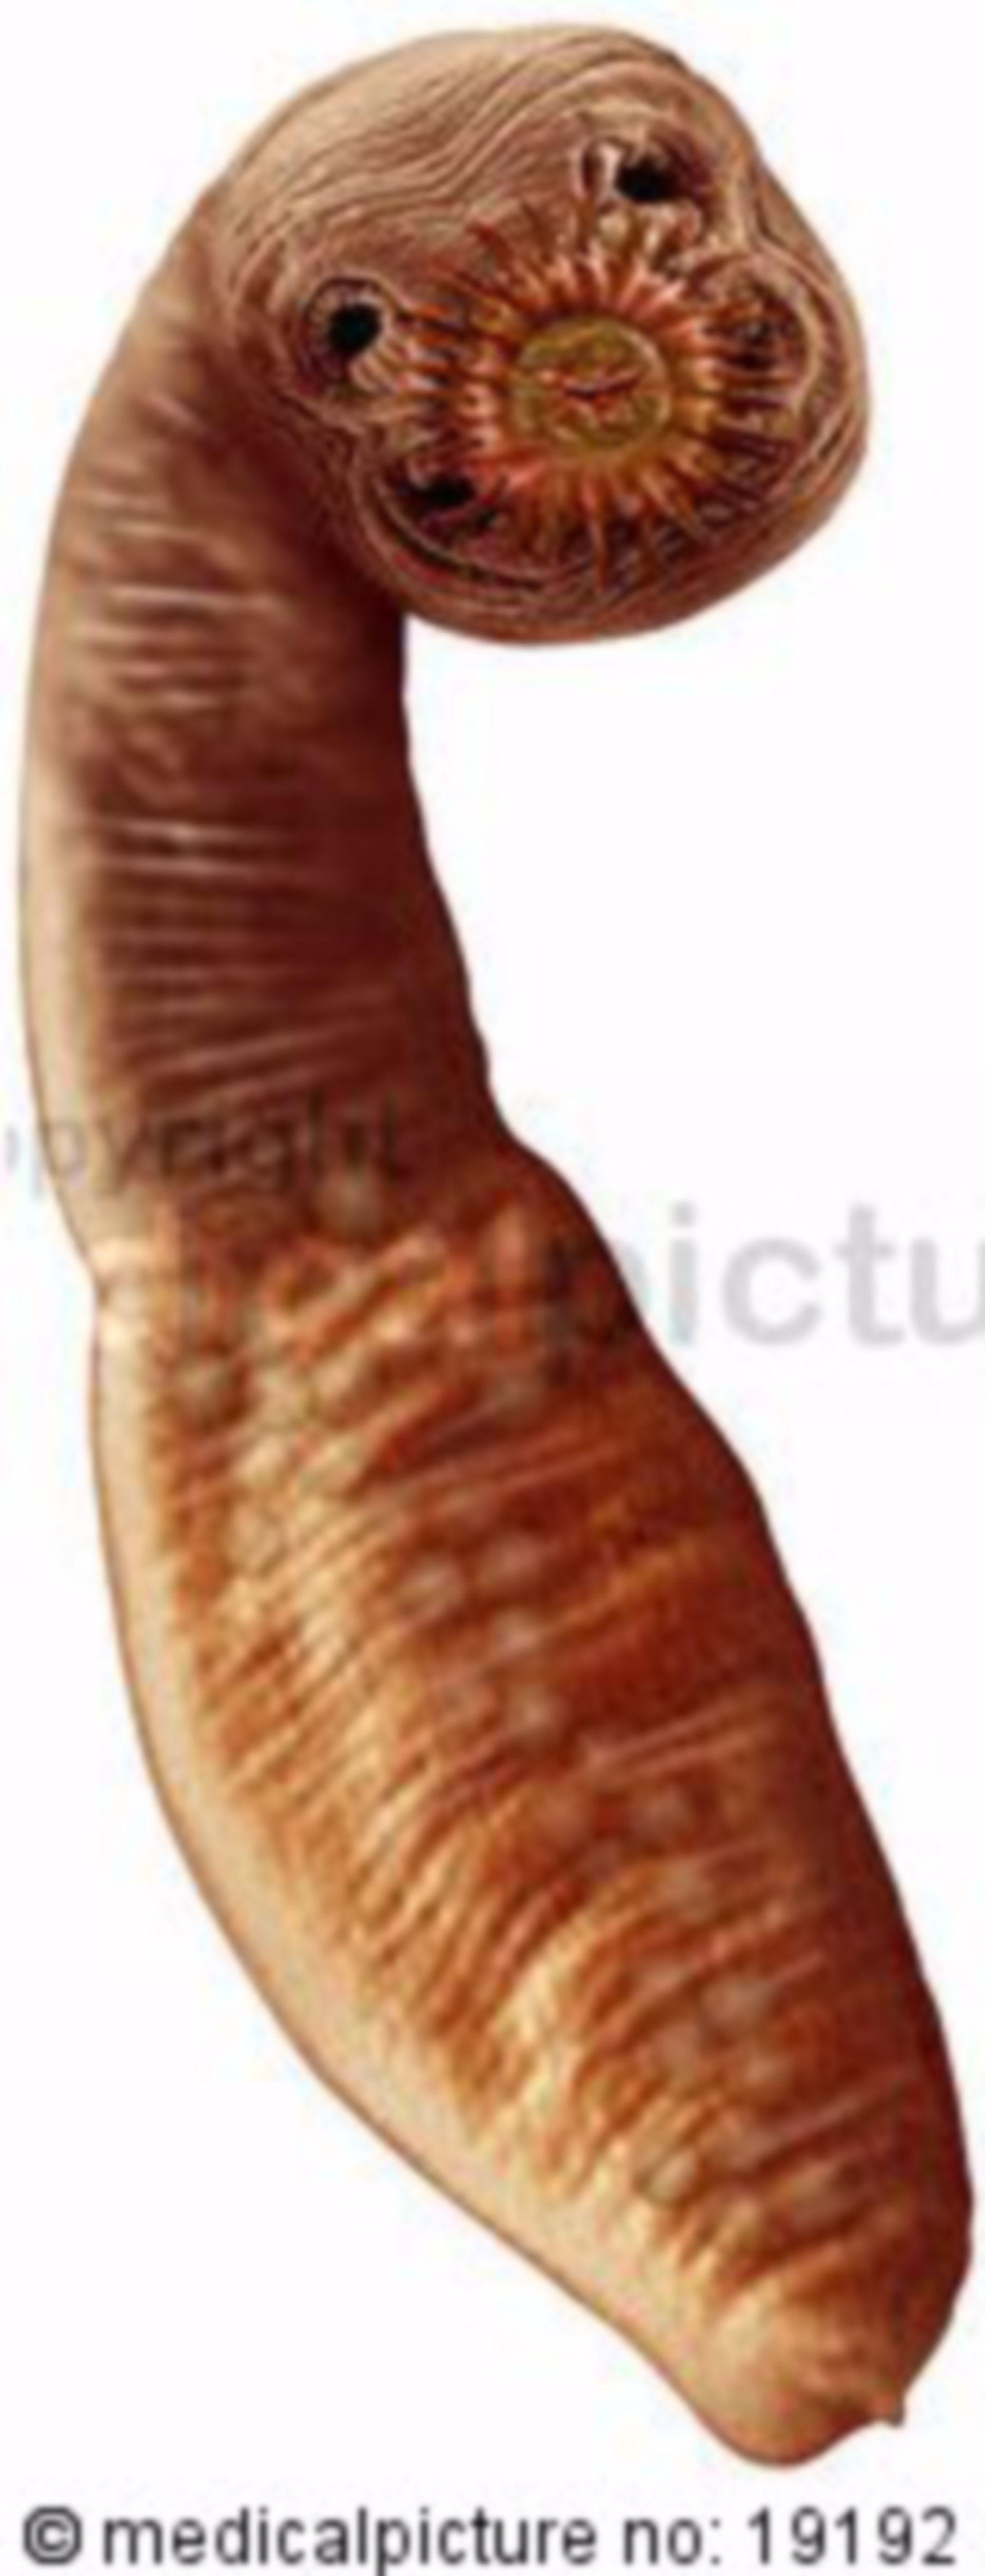 Fox tapeworm, echinococcus multilocularis